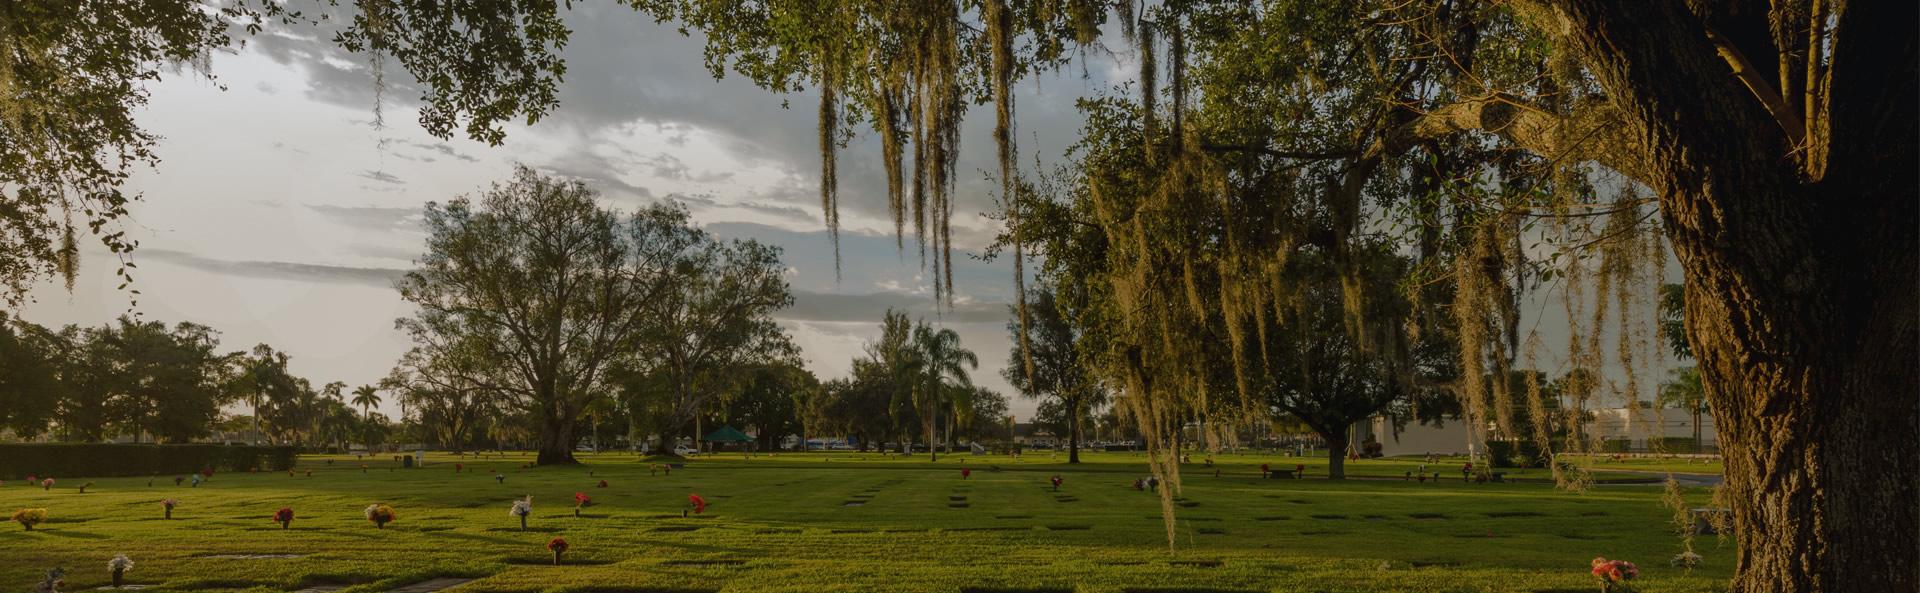 Ft Myers Memorial Gardens MarkJohnsonPhotog 140110 1248 - Valley Memorial Gardens Cemetery Mission Texas